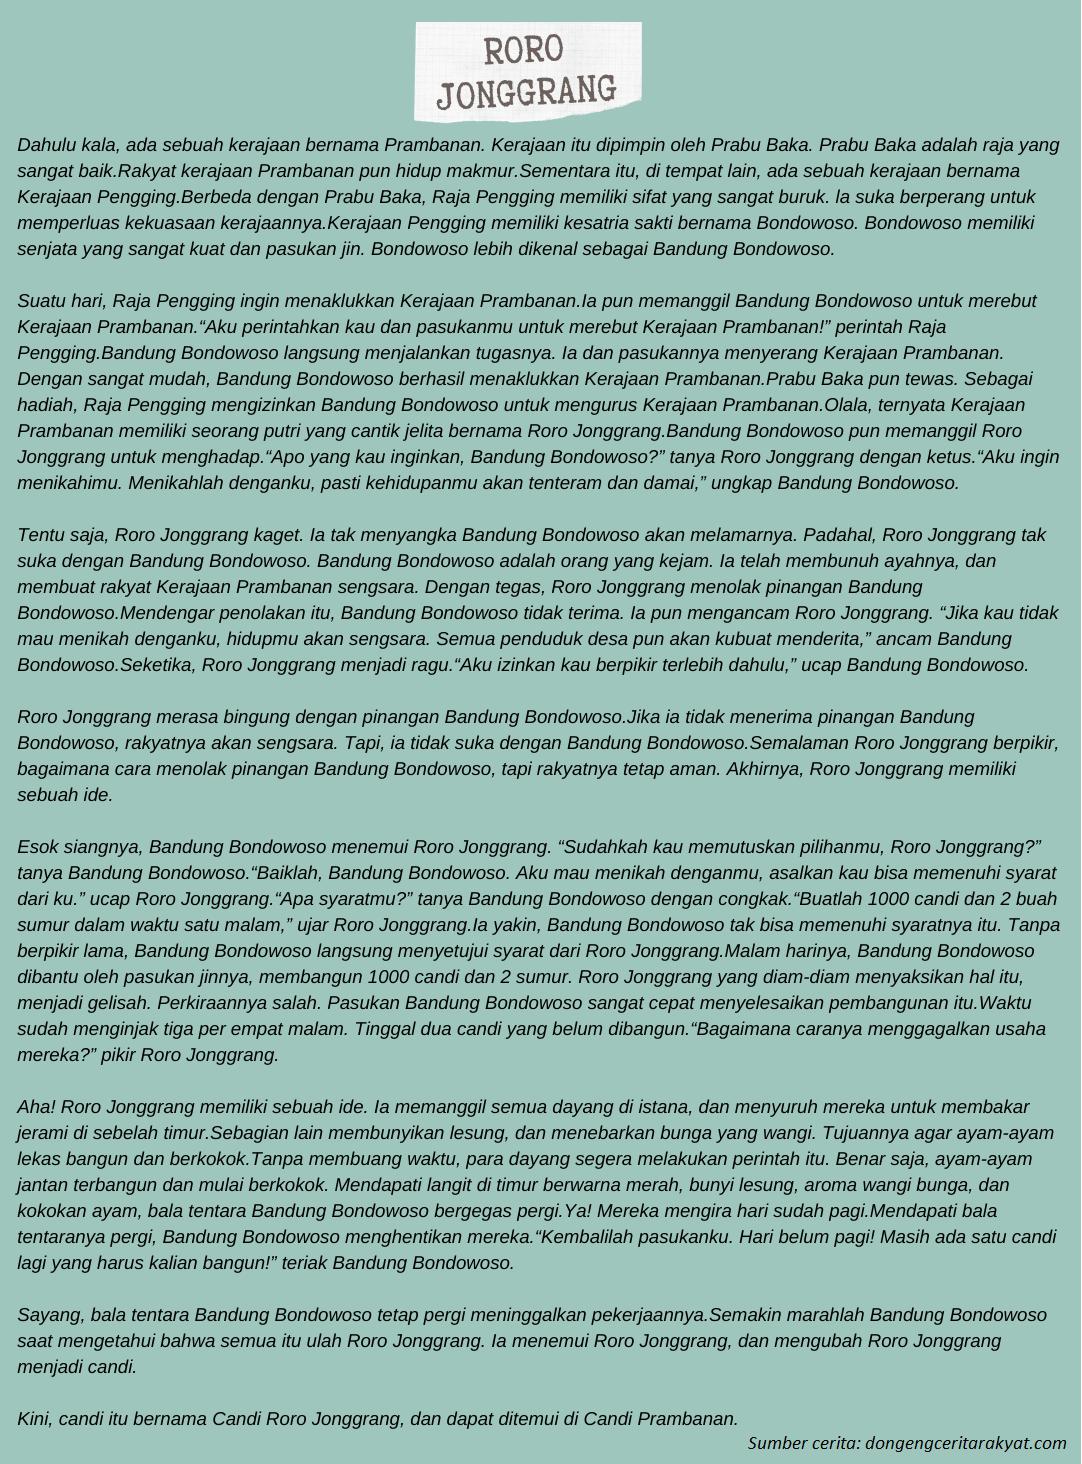 Contoh Cerita Jawa Hikayat Roro Jonggrang